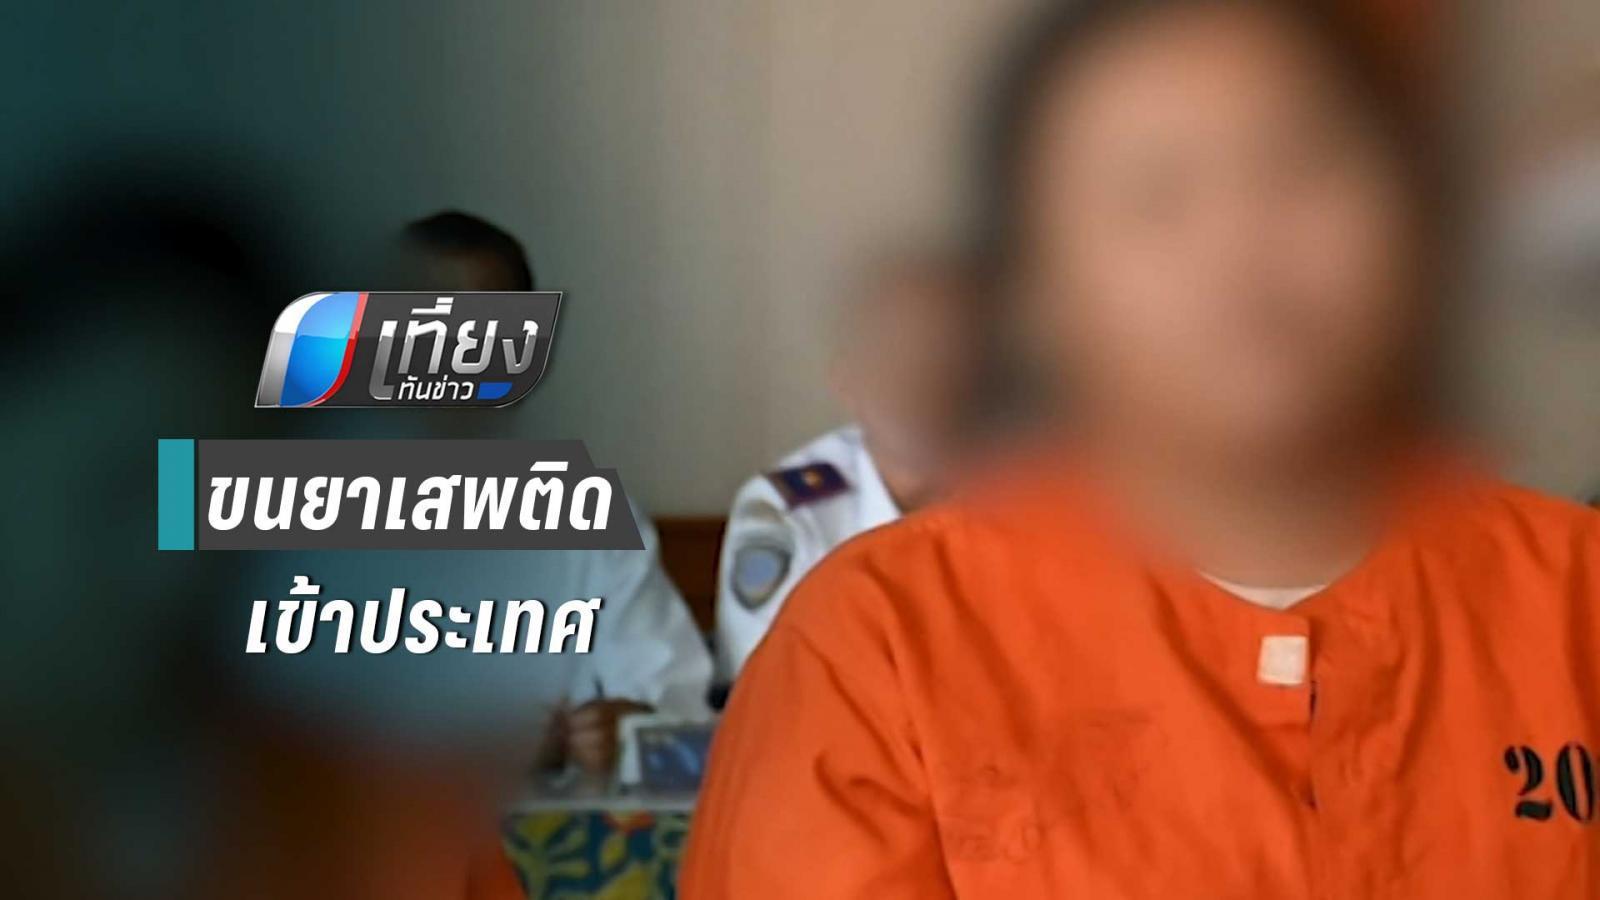 ศุลกากรบาหลี จับ 2 หญิงไทย ขนยาบ้า เข้าอินโดฯ